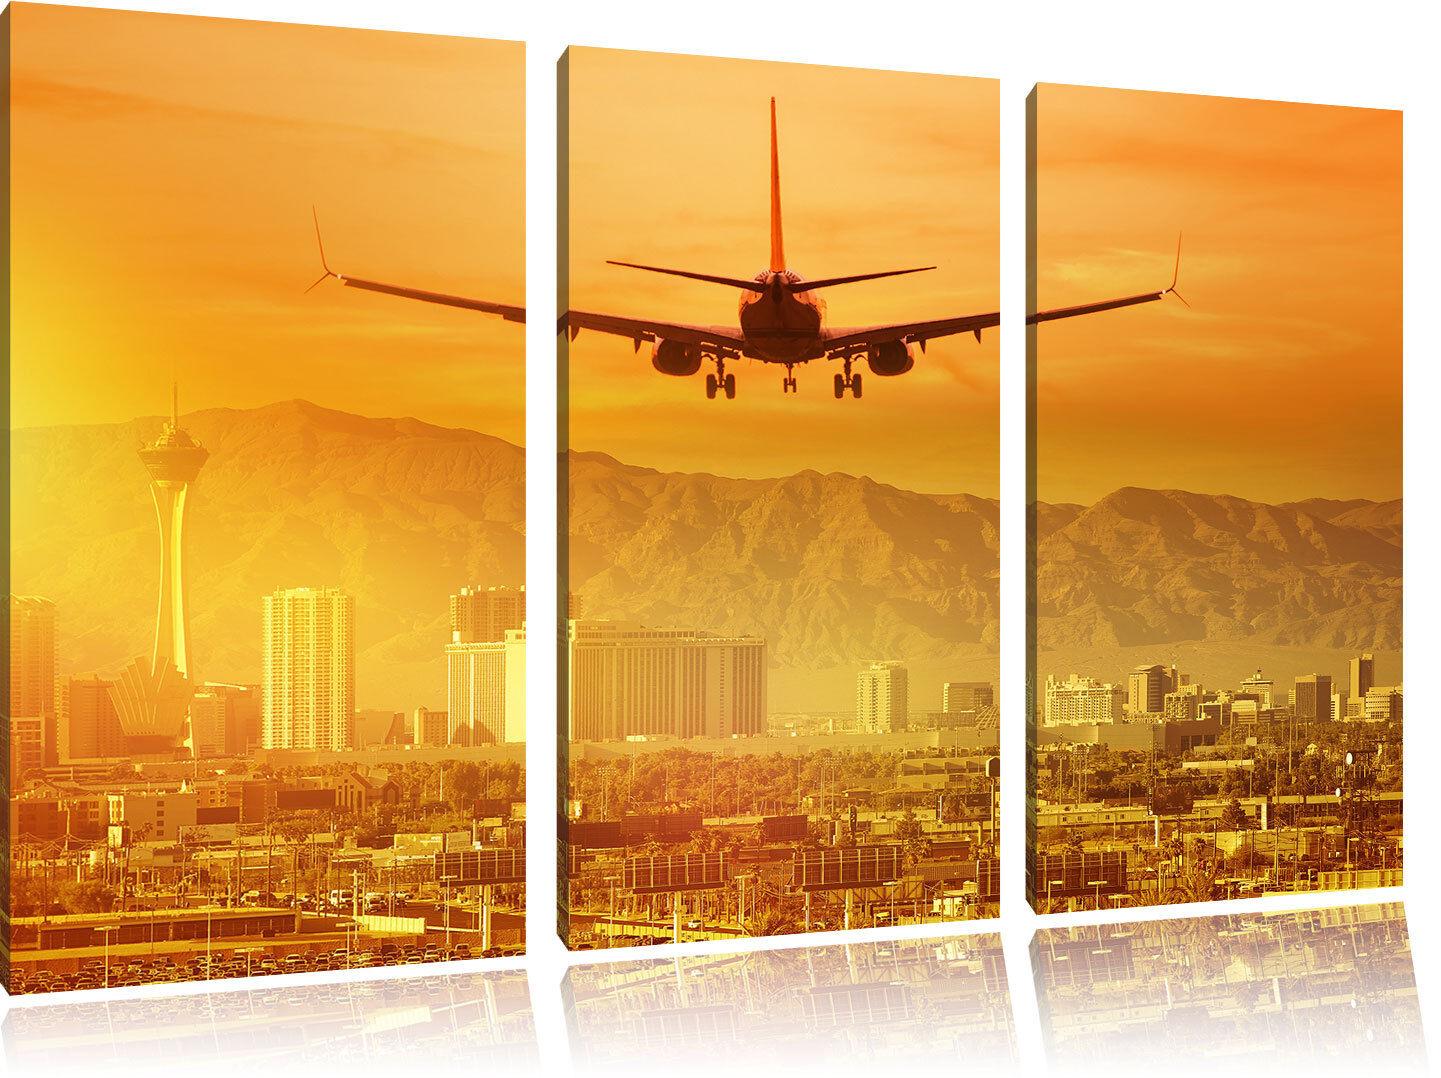 Urlaubsreise Cresce Las Vegas 3-Teiler Quadro su Tel Decorazione Parete